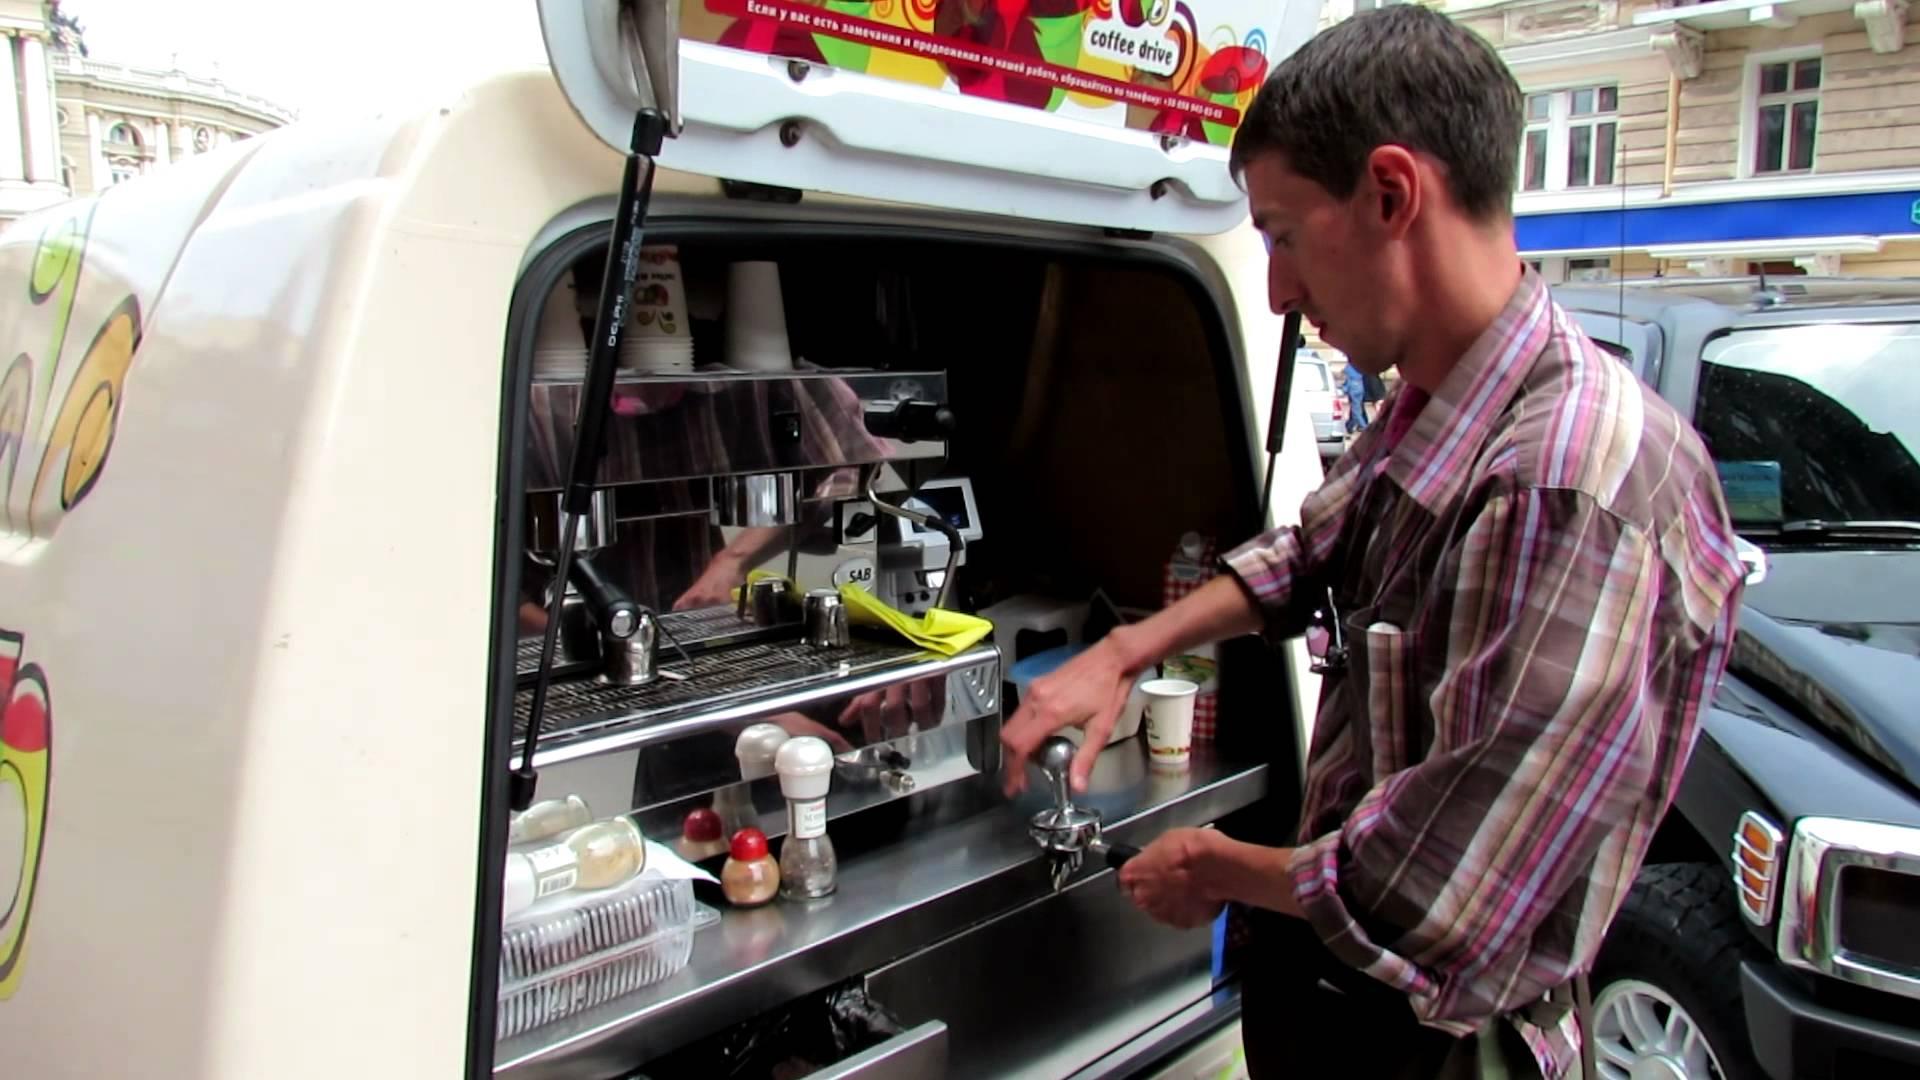 maxresdefault - Как открыть мобильную кофейню с нуля, с чего начать и сколько можно заработать на кофе